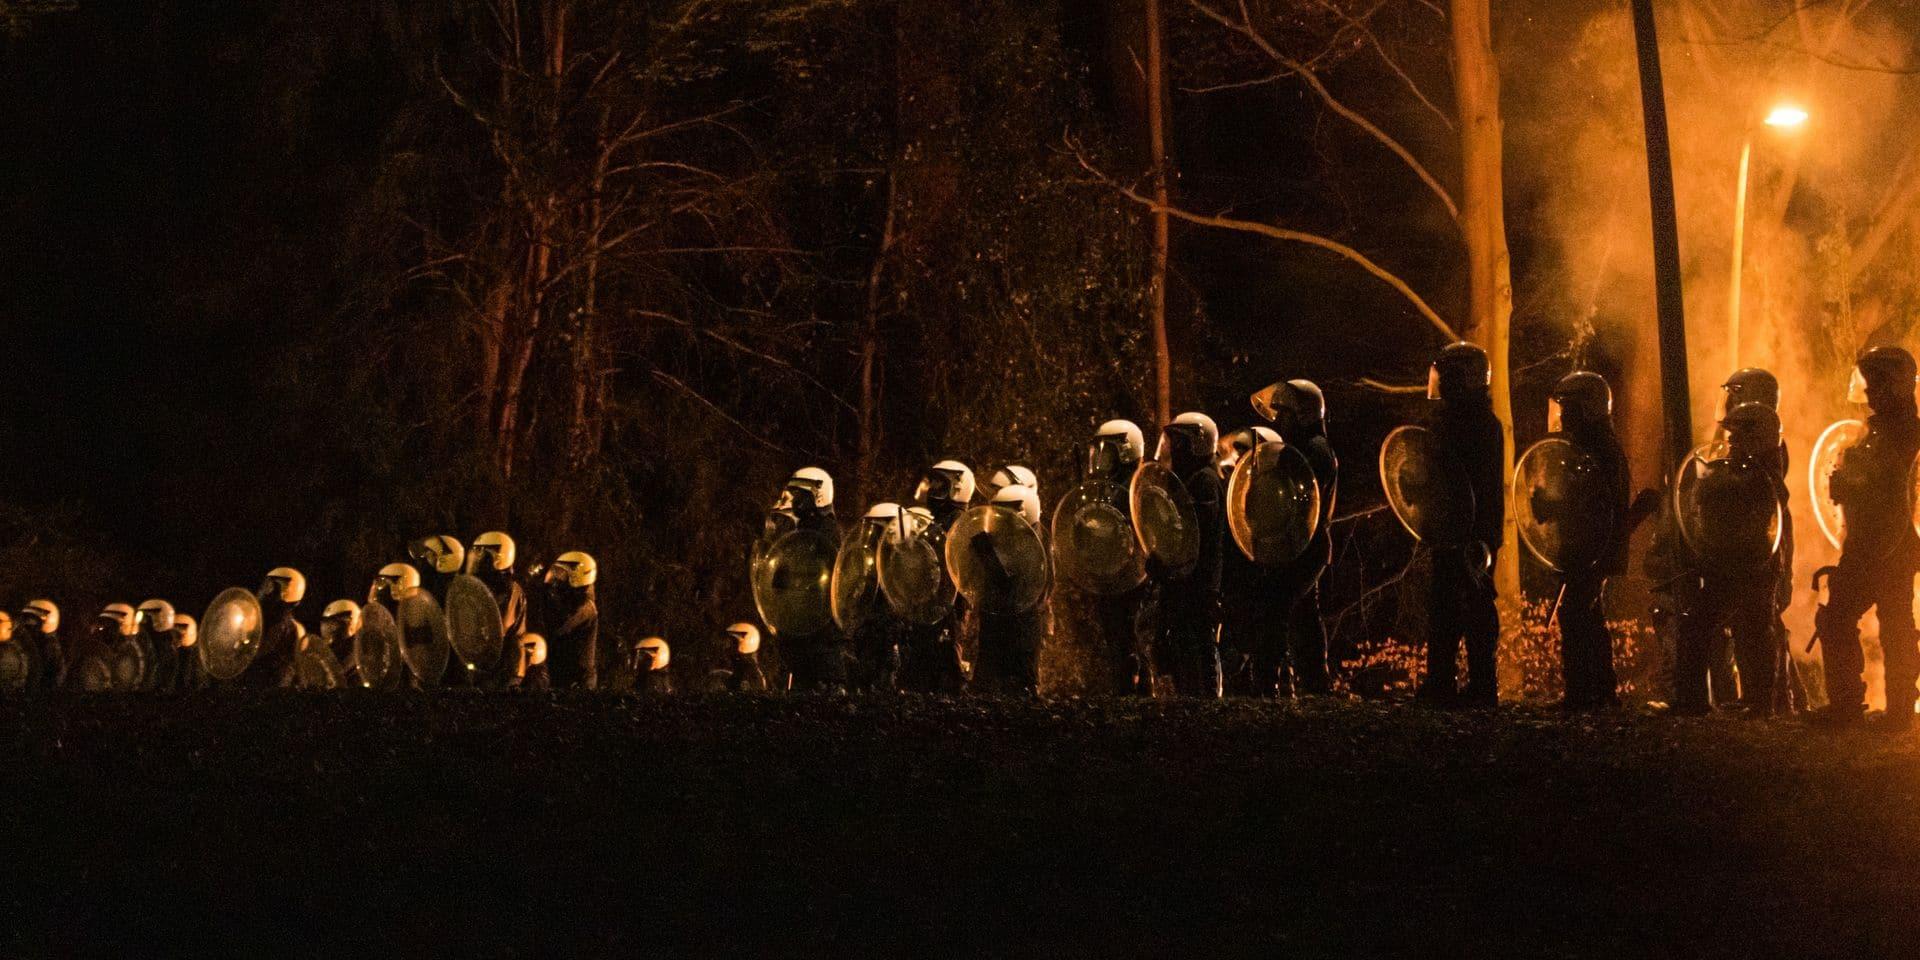 """Après """"La Boum"""", une deuxième fête sauvage prévue ce vendredi au Bois de la Cambre"""